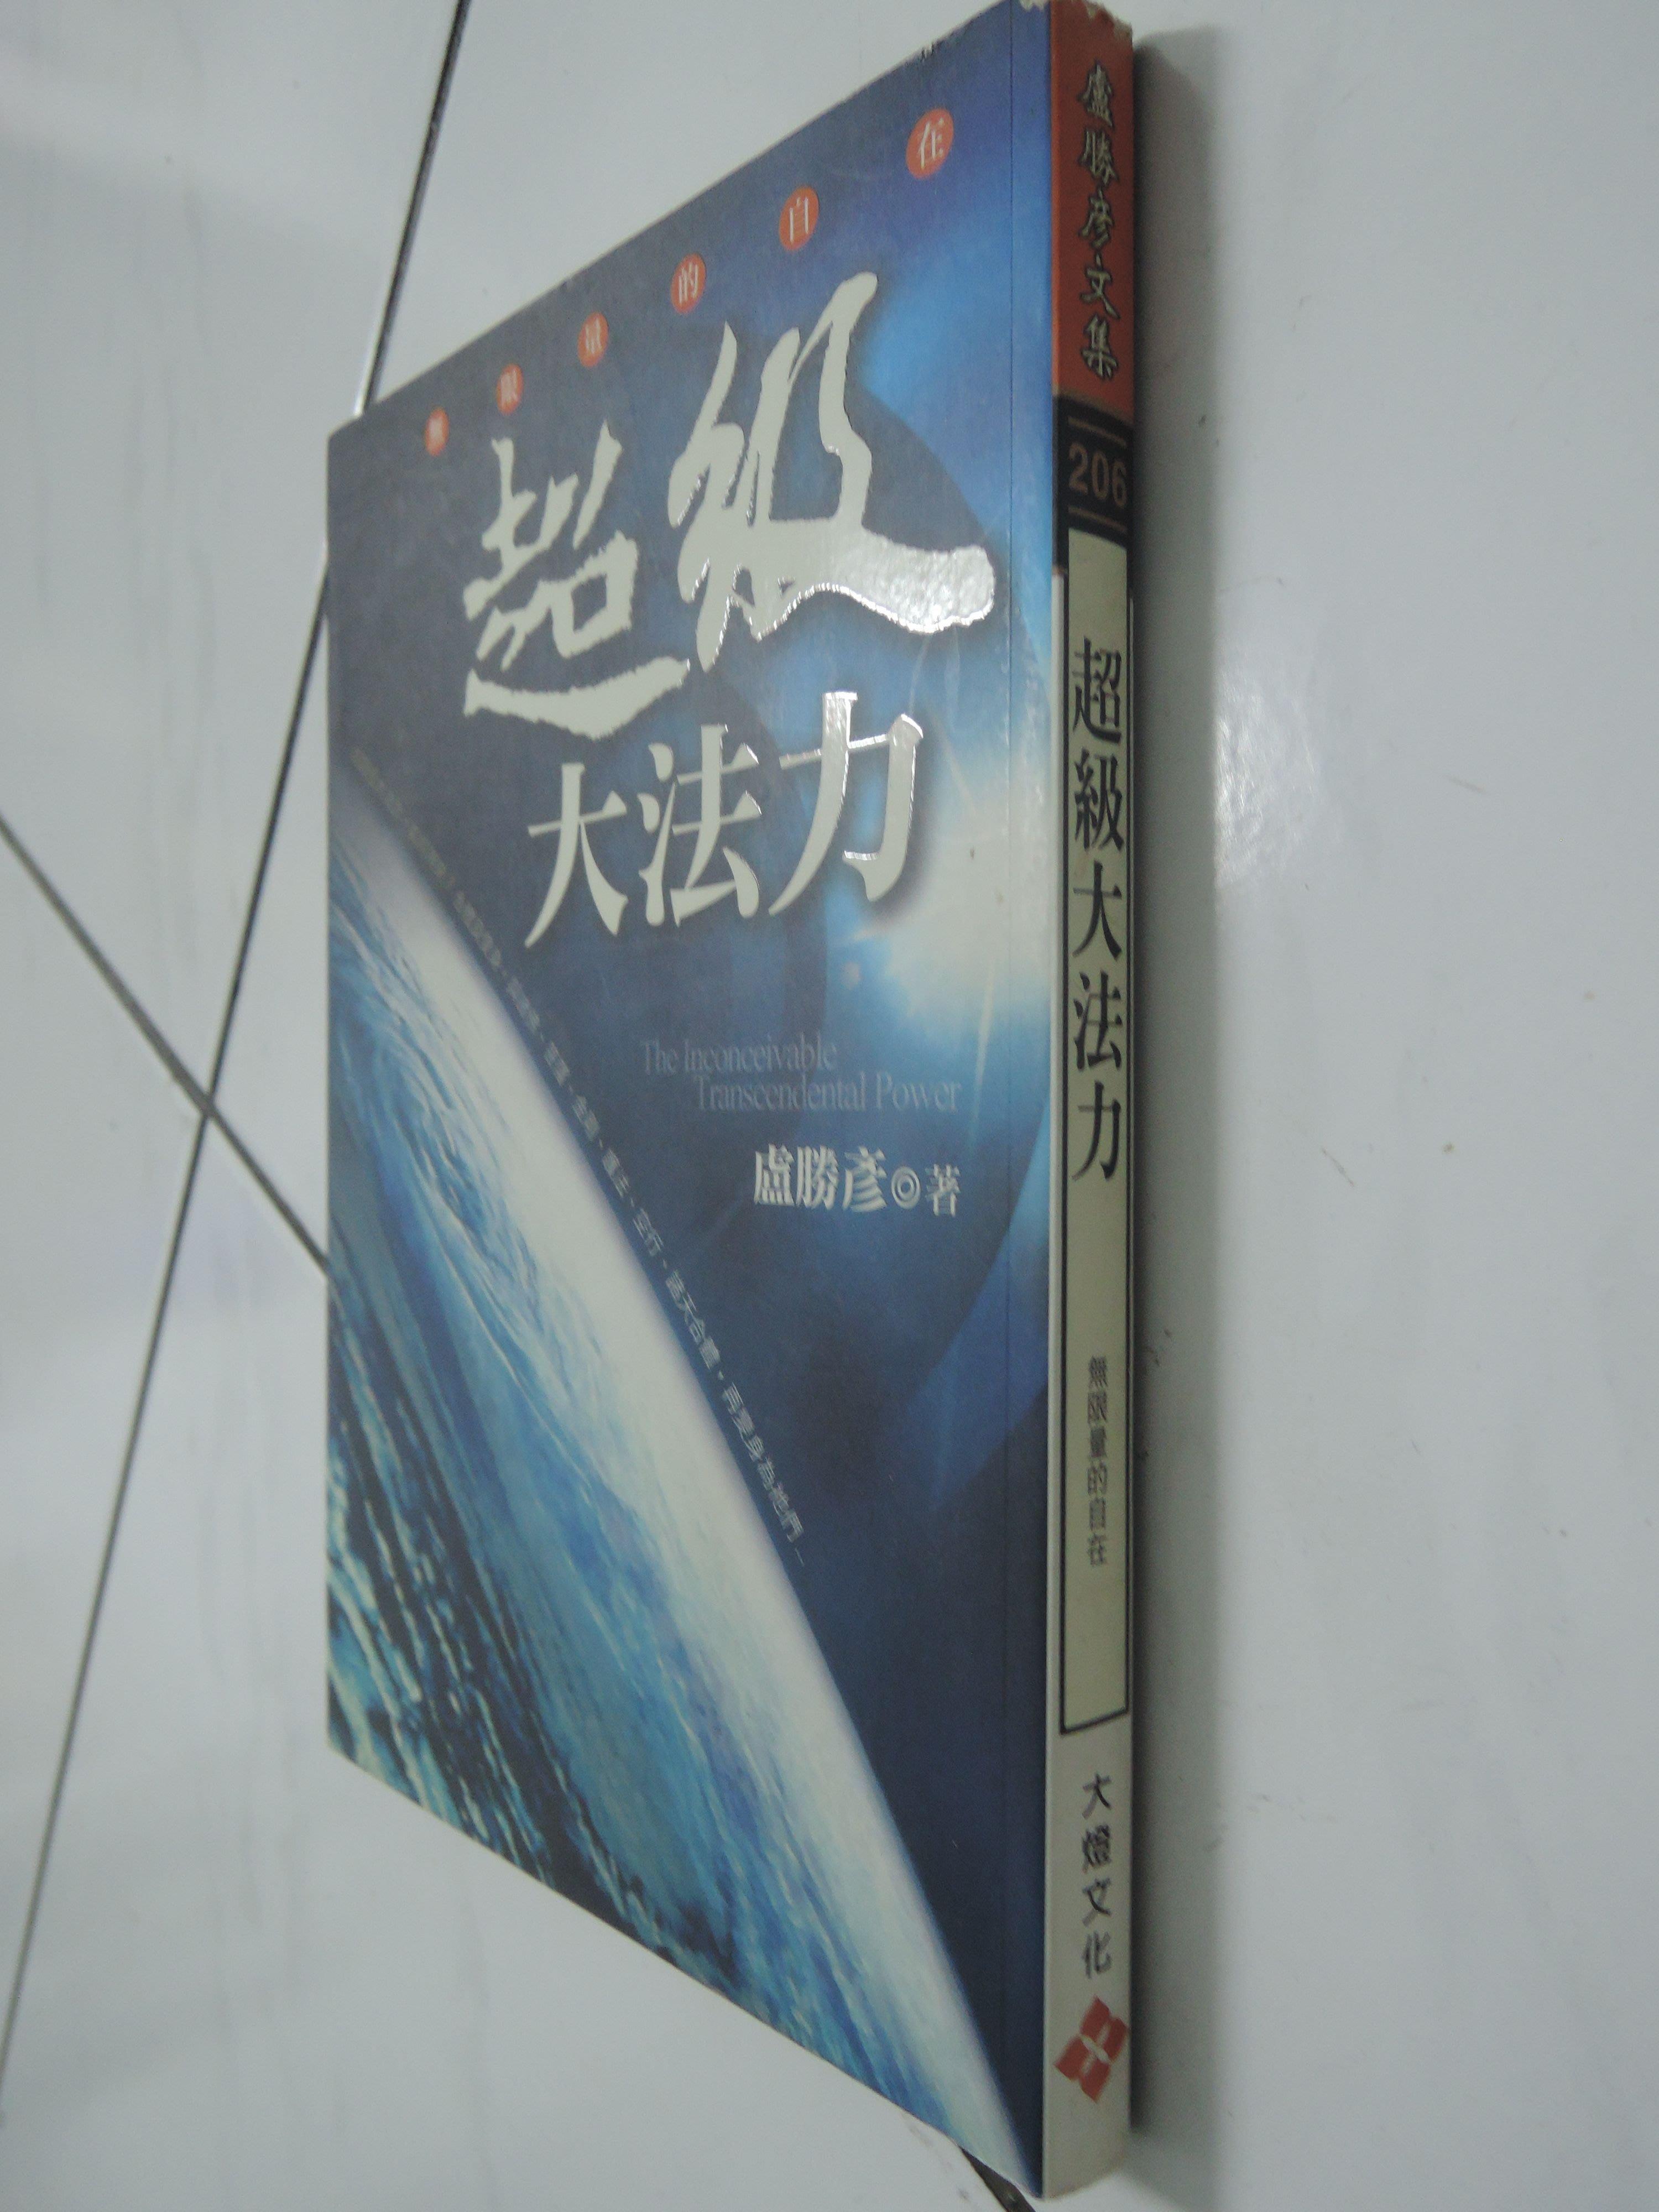 典藏乾坤&書---風水/星相/命理---超級大法力-C盧勝彥